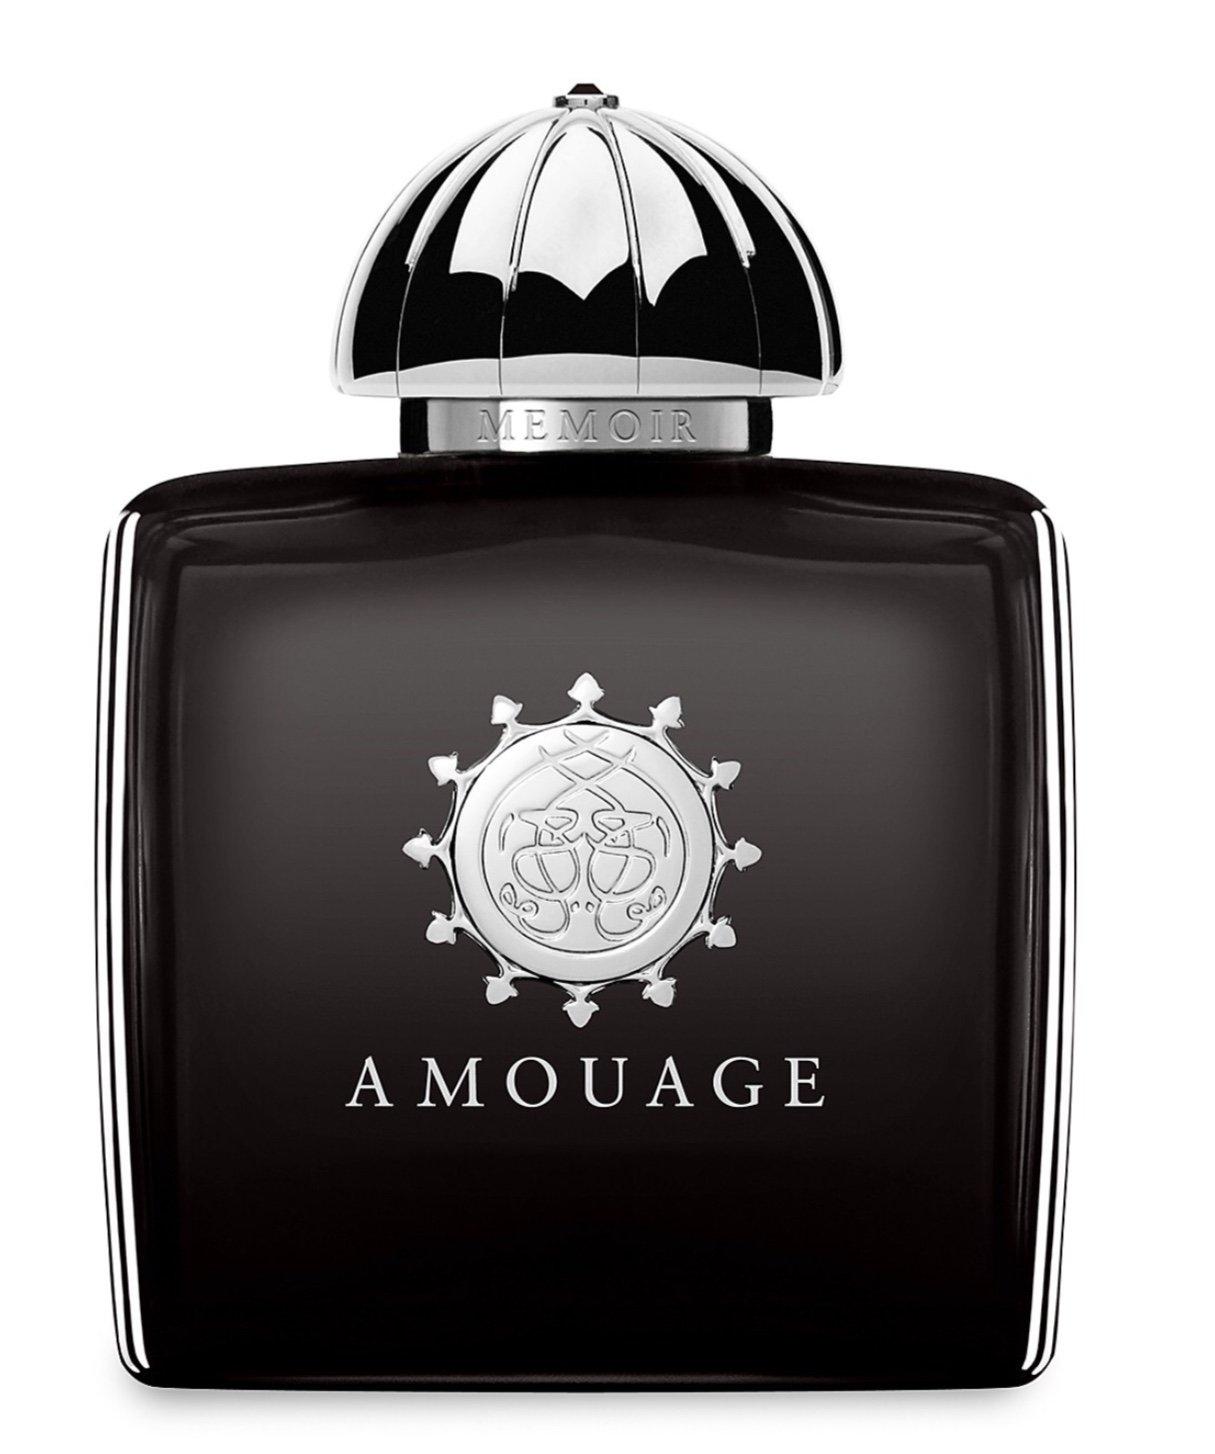 Amouage Memoir Woman Eau de Parfum 3.4 fl oz. | Amouage